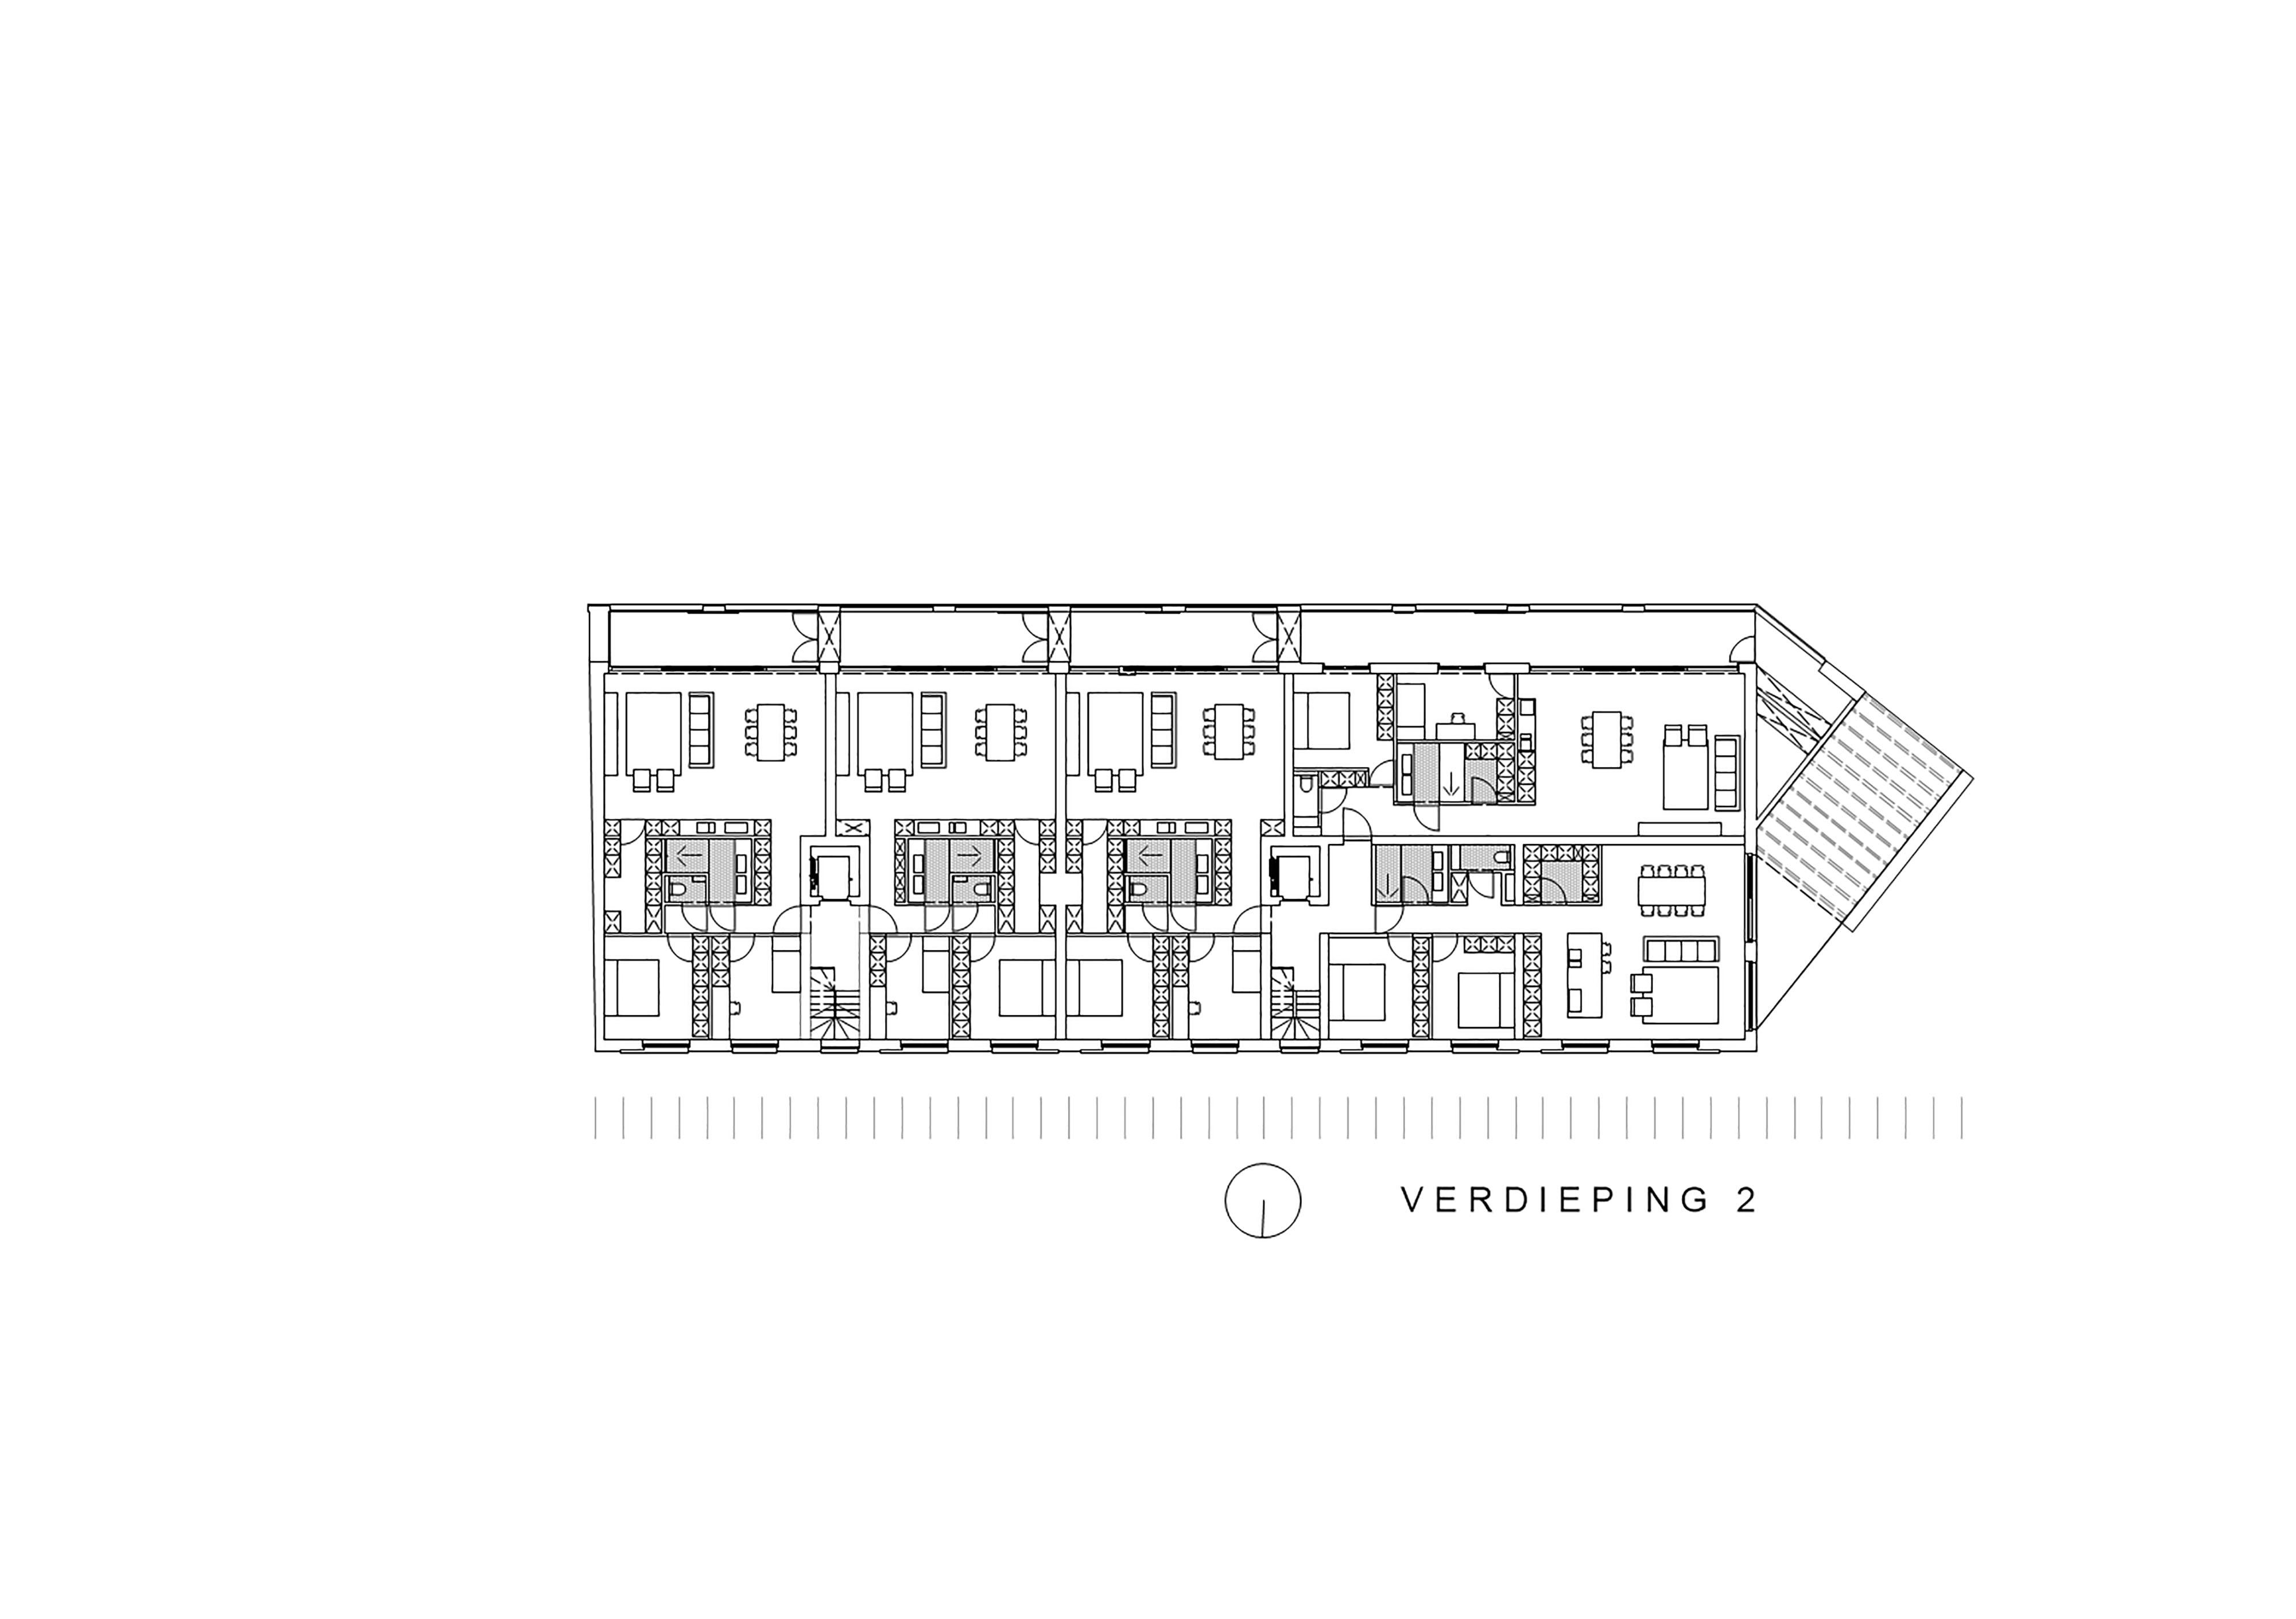 verdieping 2 appartementen